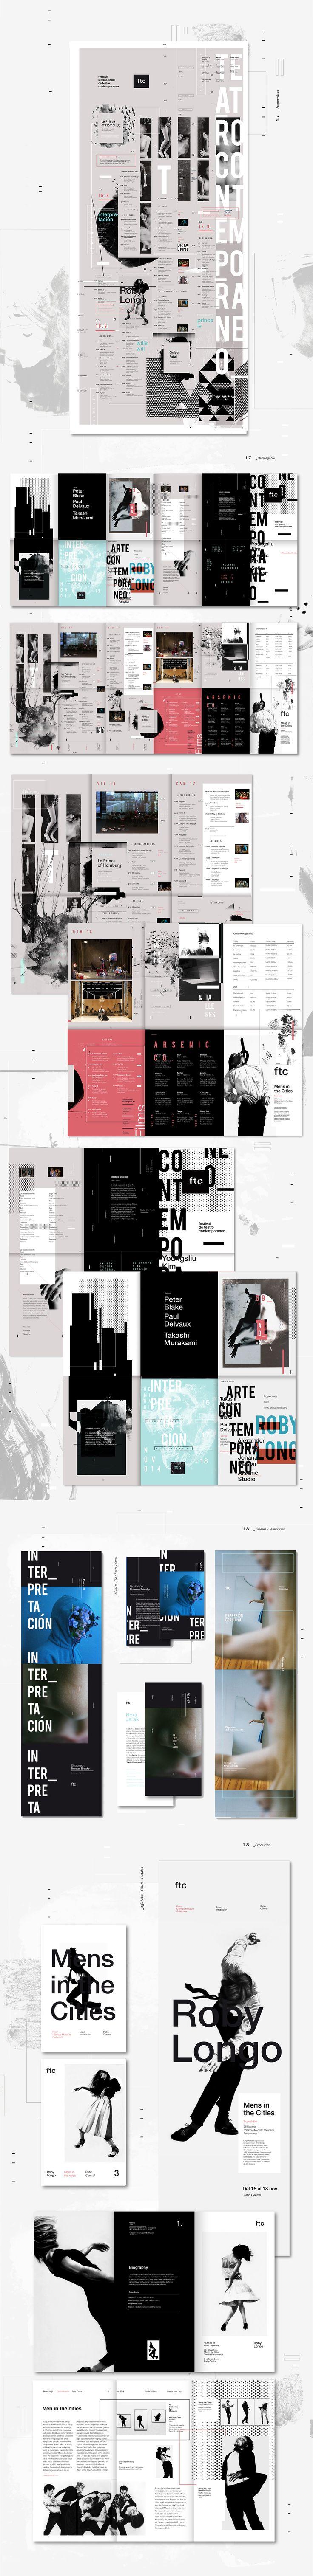 Trabajo Final realizado en el año 2014 para la Cátedra Gabriele de Diseño 3 - FADU UBA